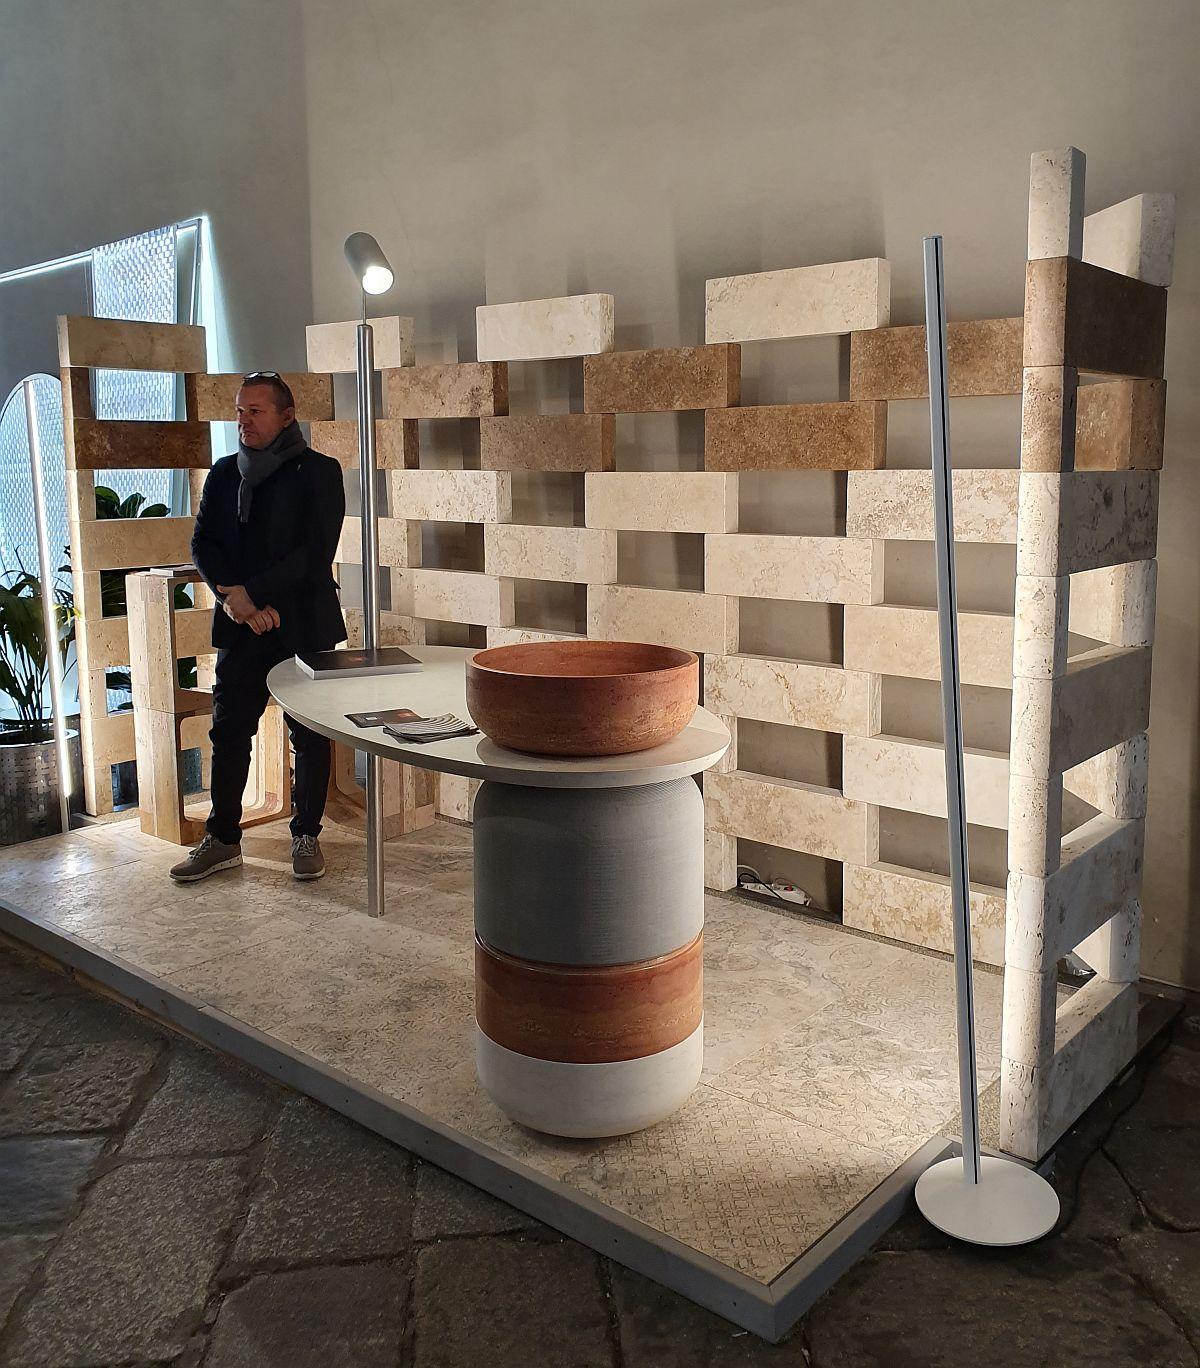 Tot ceea ce era prezentat în standul celor de la I SASSI DI ASSISI era realizat din piatră de la mobilier, piesele mici cu rol de taburete și până la împrejnuirea cu blocuri din marmură.